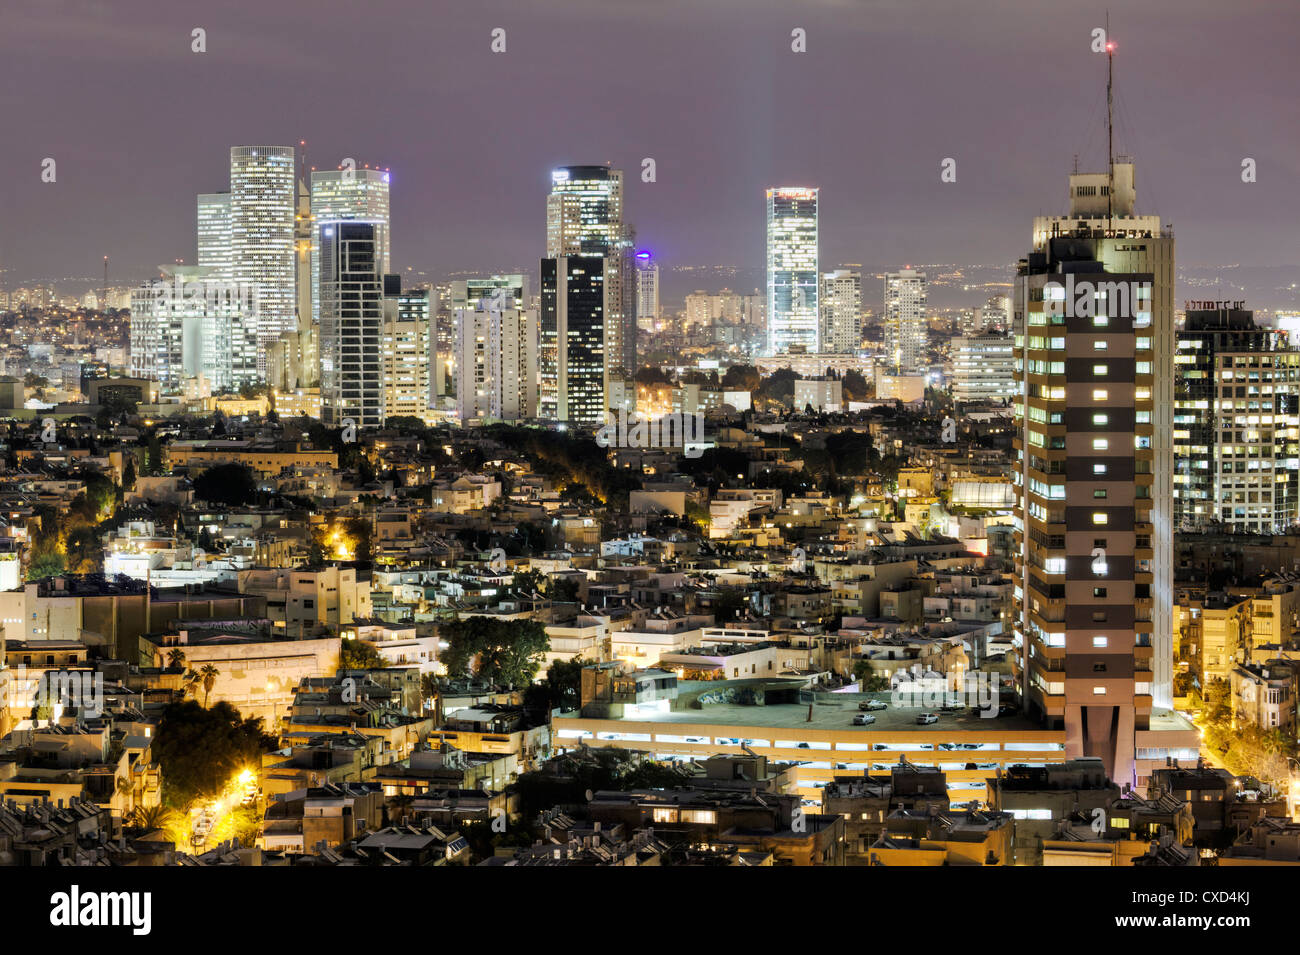 Ciudad Alta Vista hacia el centro comercial y de negocios, Tel Aviv, Israel, Oriente Medio Imagen De Stock